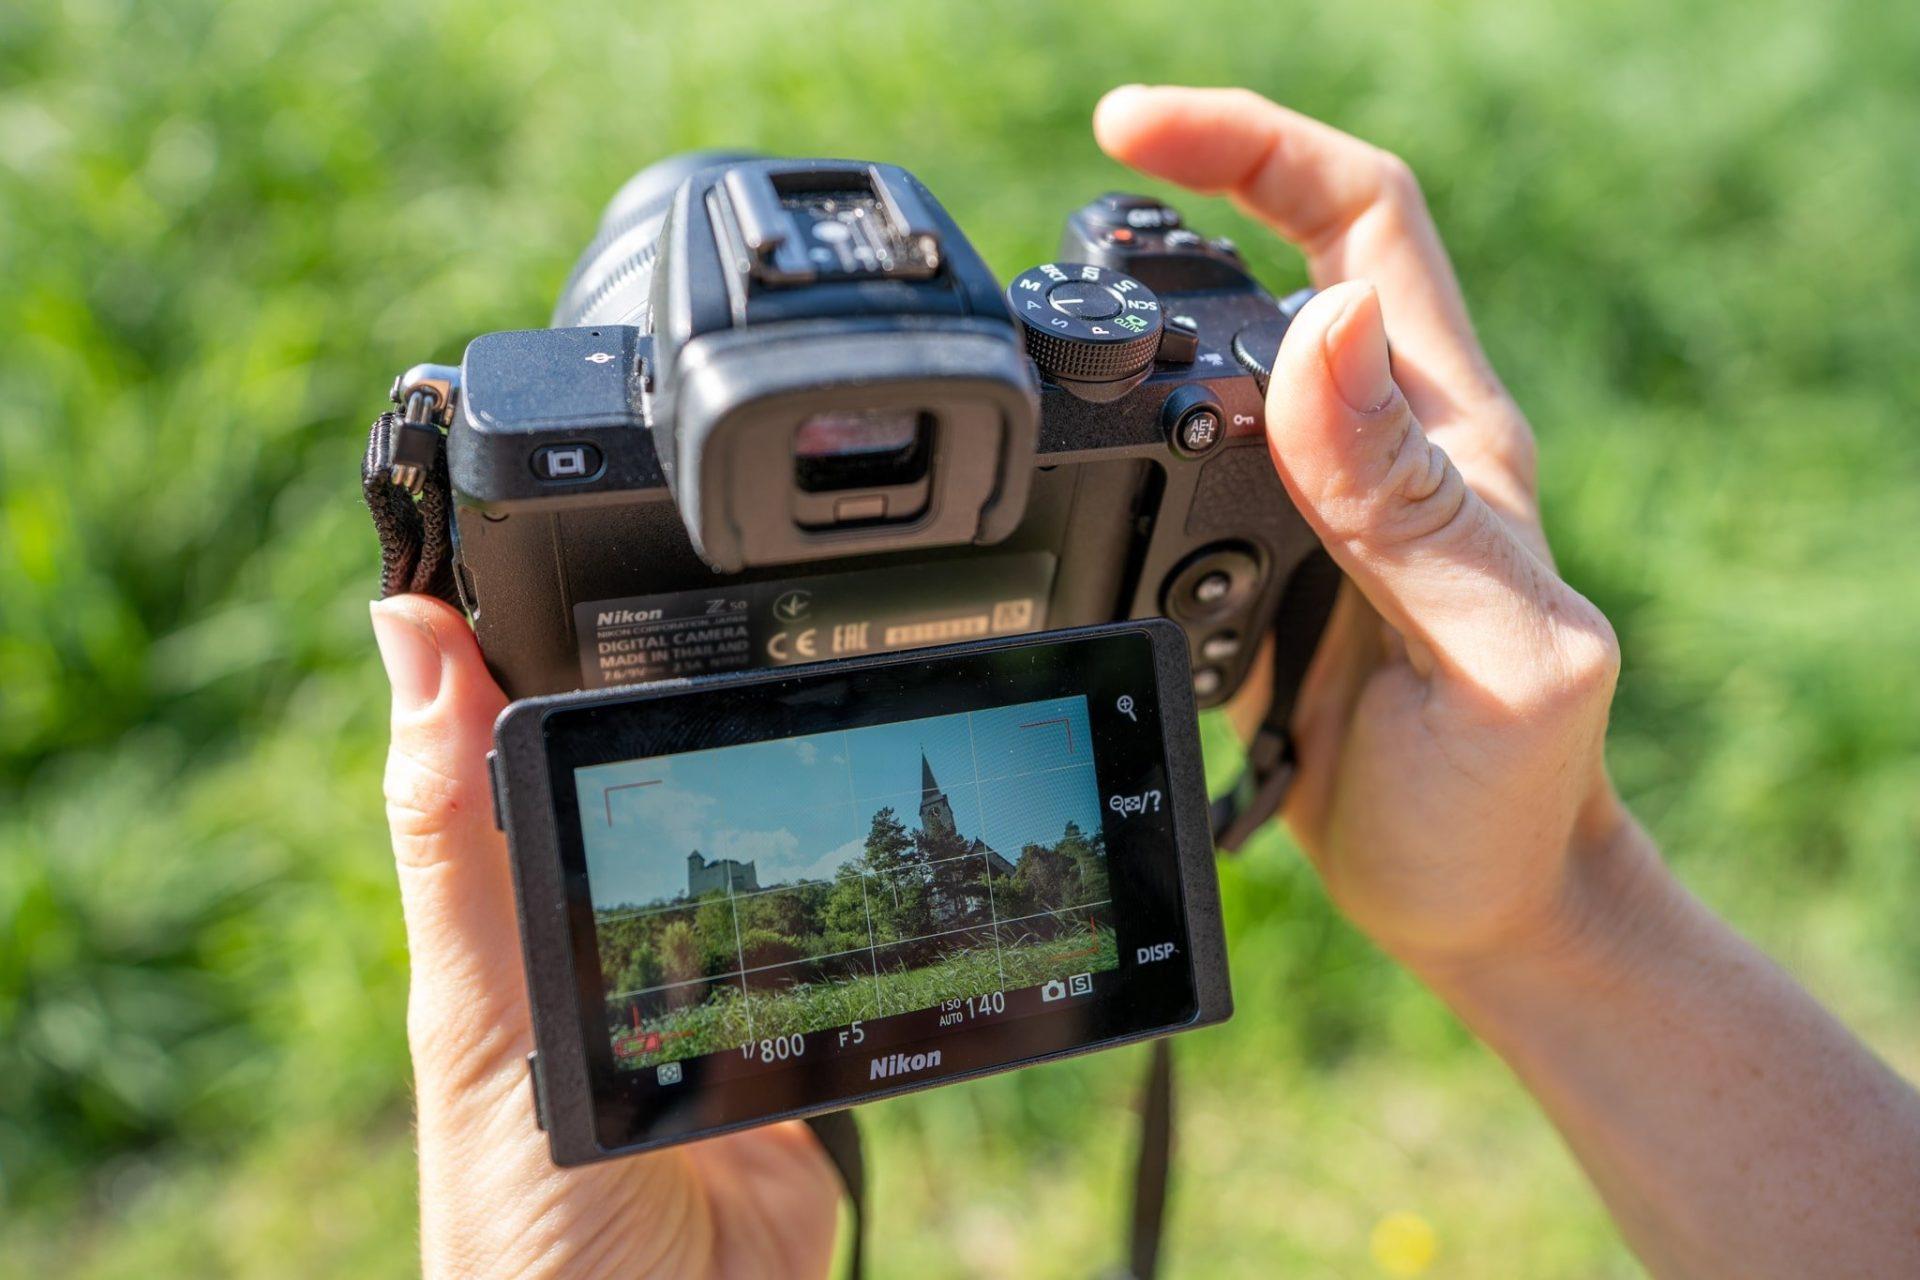 Reisfotografie tips - regel van derden